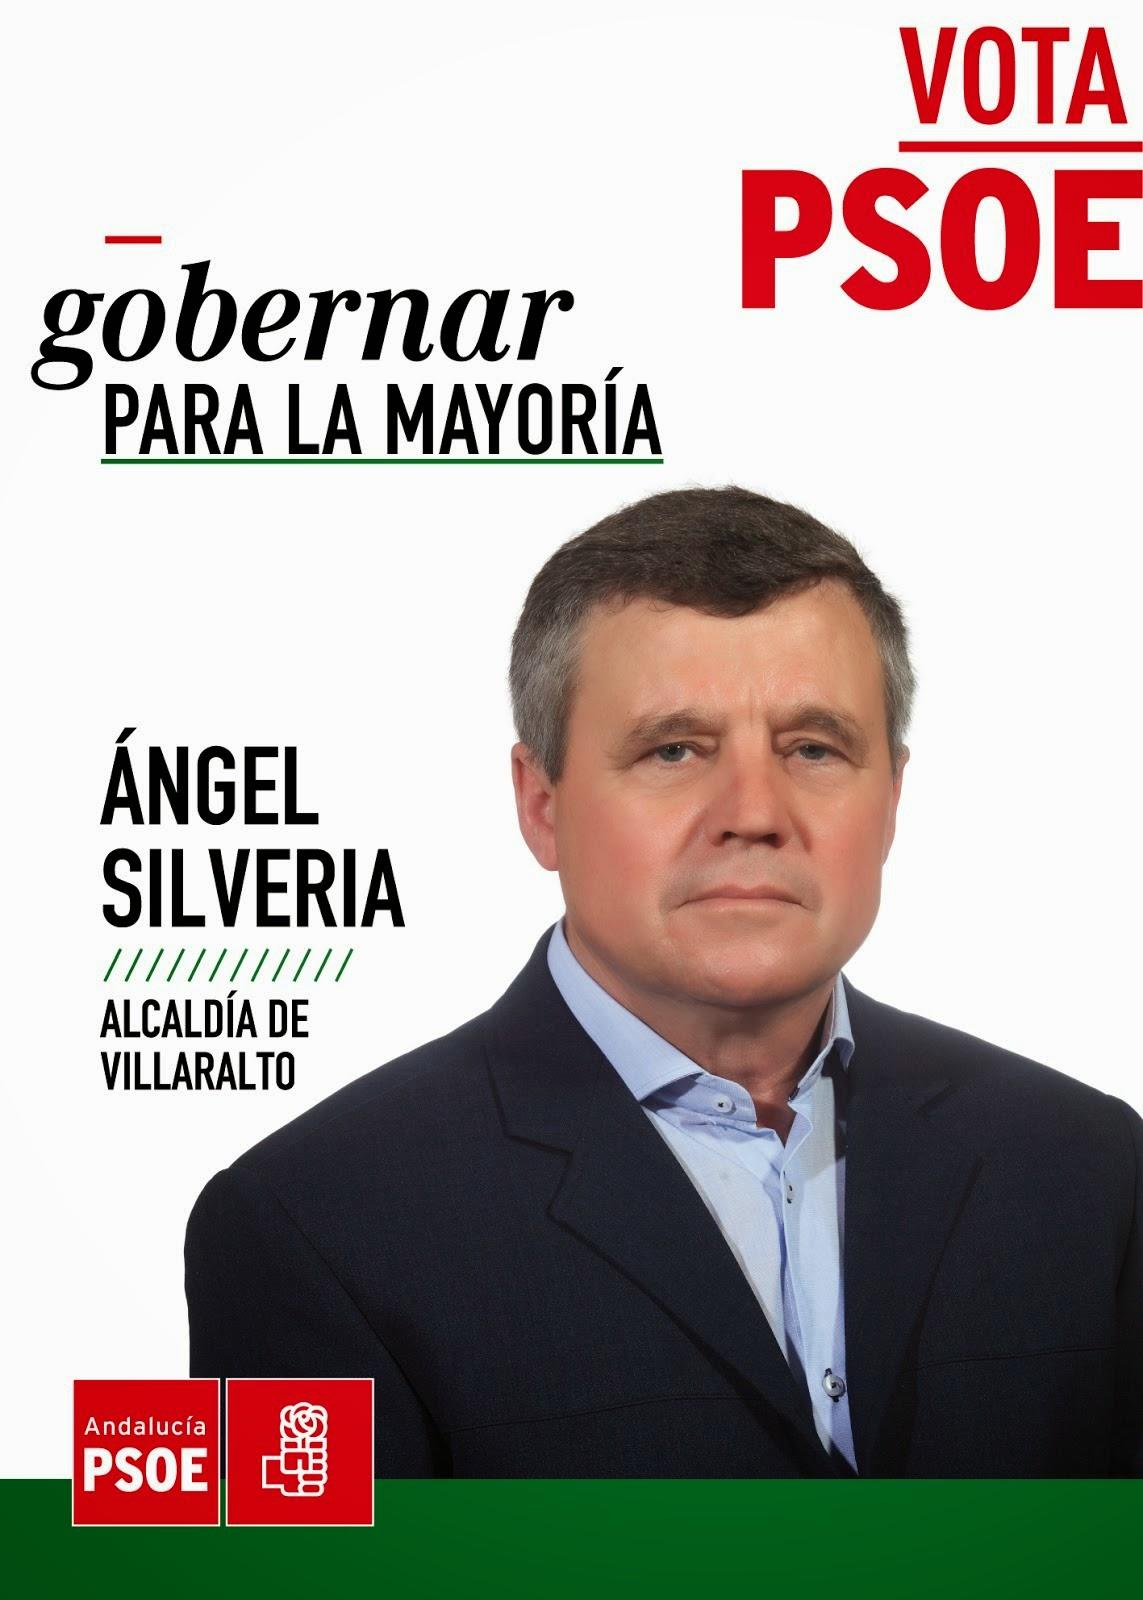 ANGEL SILVERIA